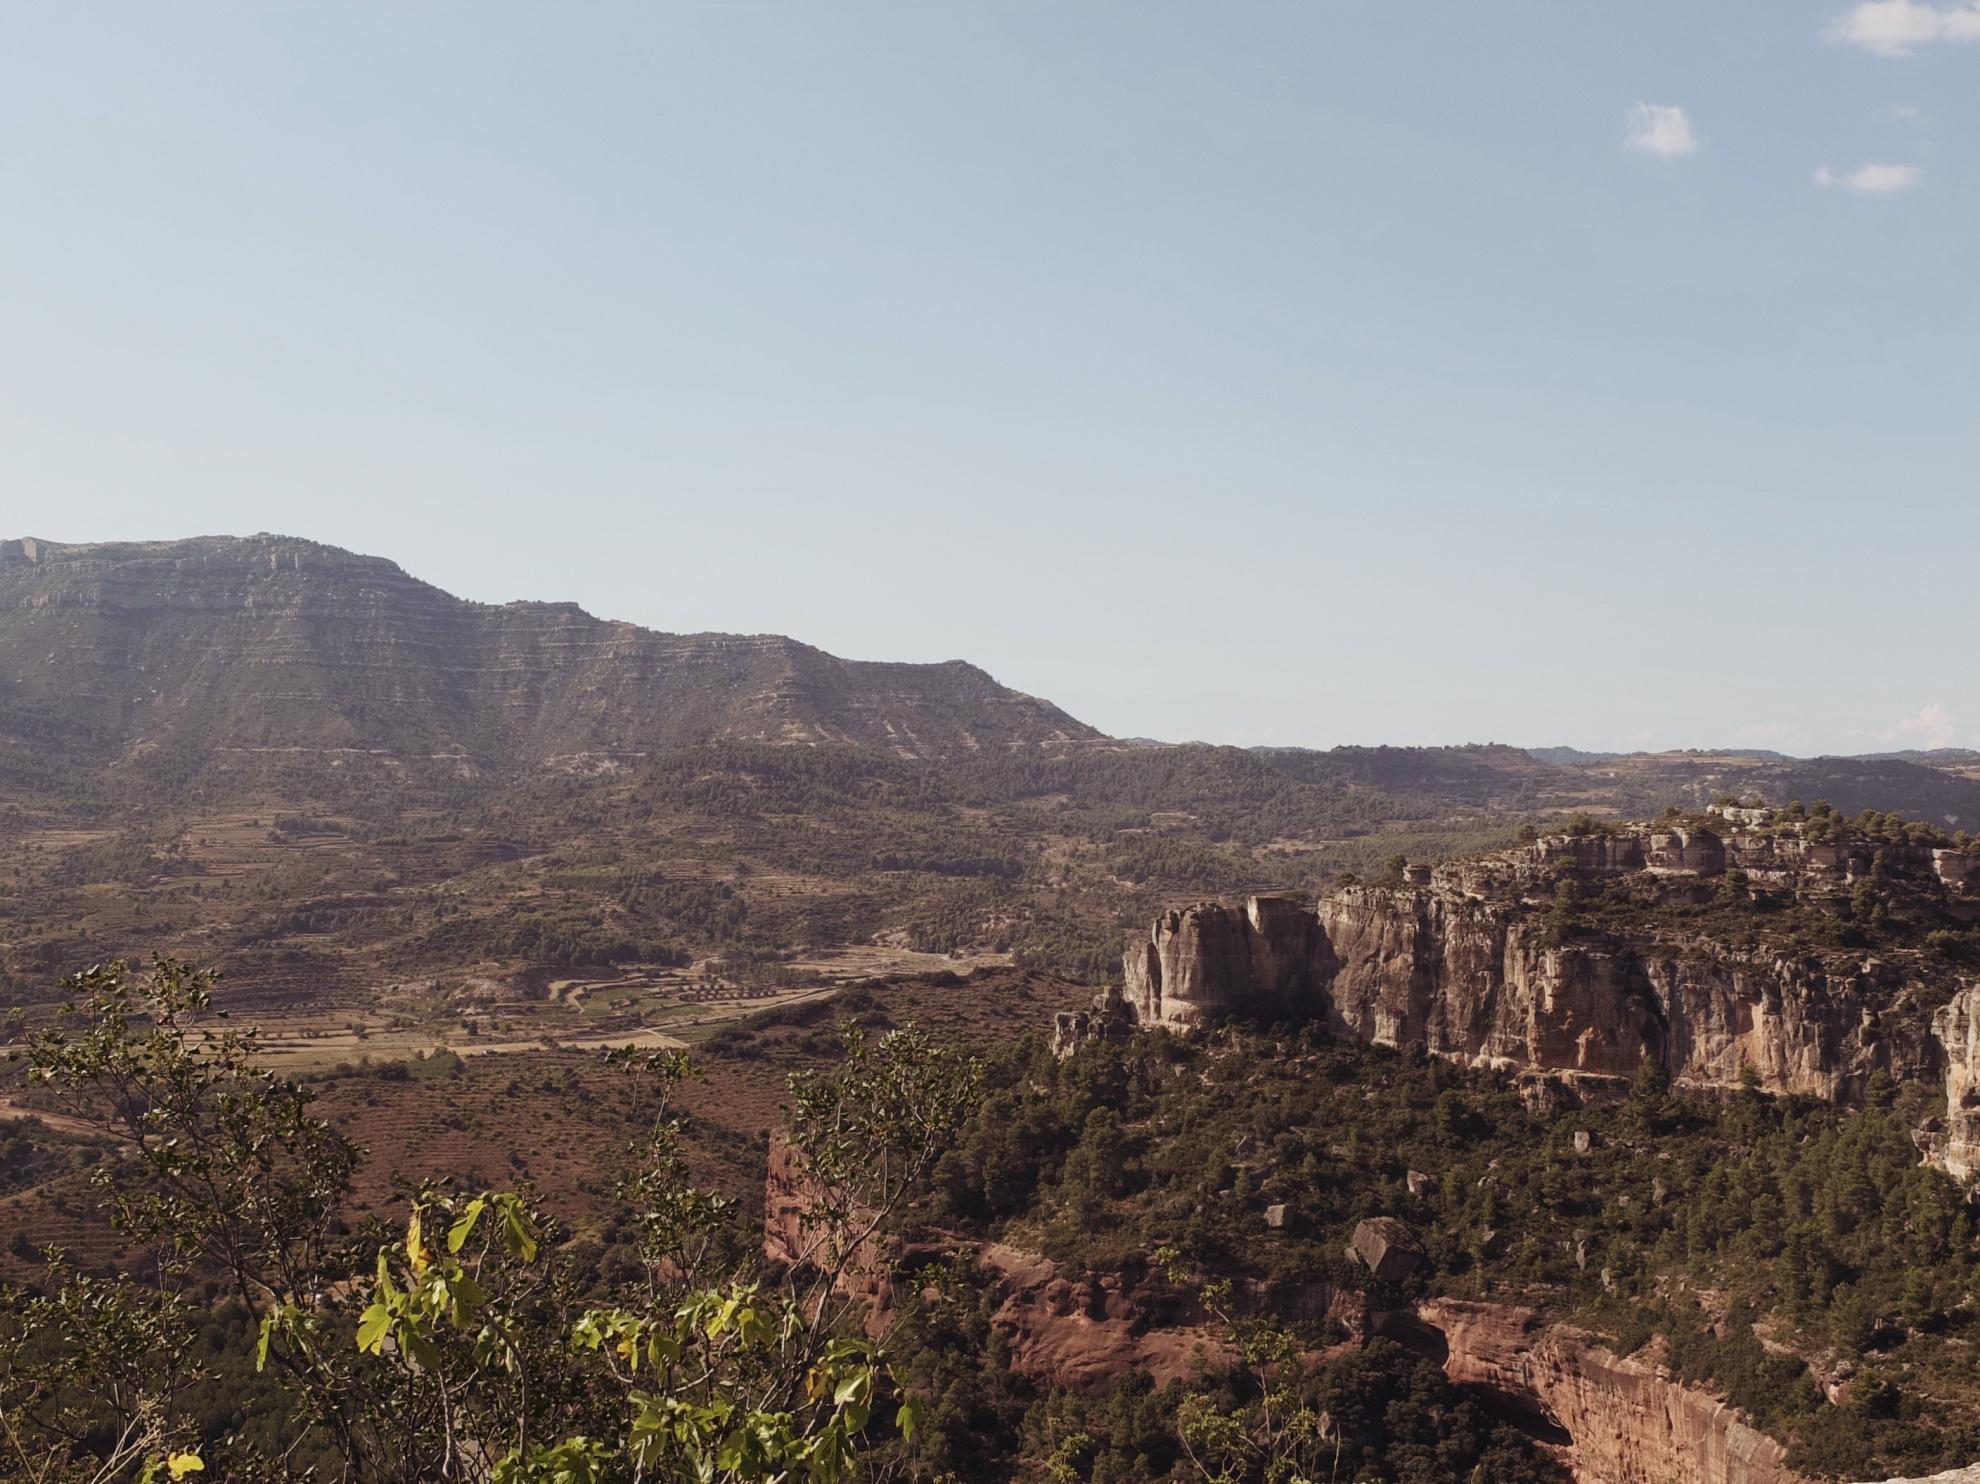 Landschaftsbild im Landesinneren von Katalonien